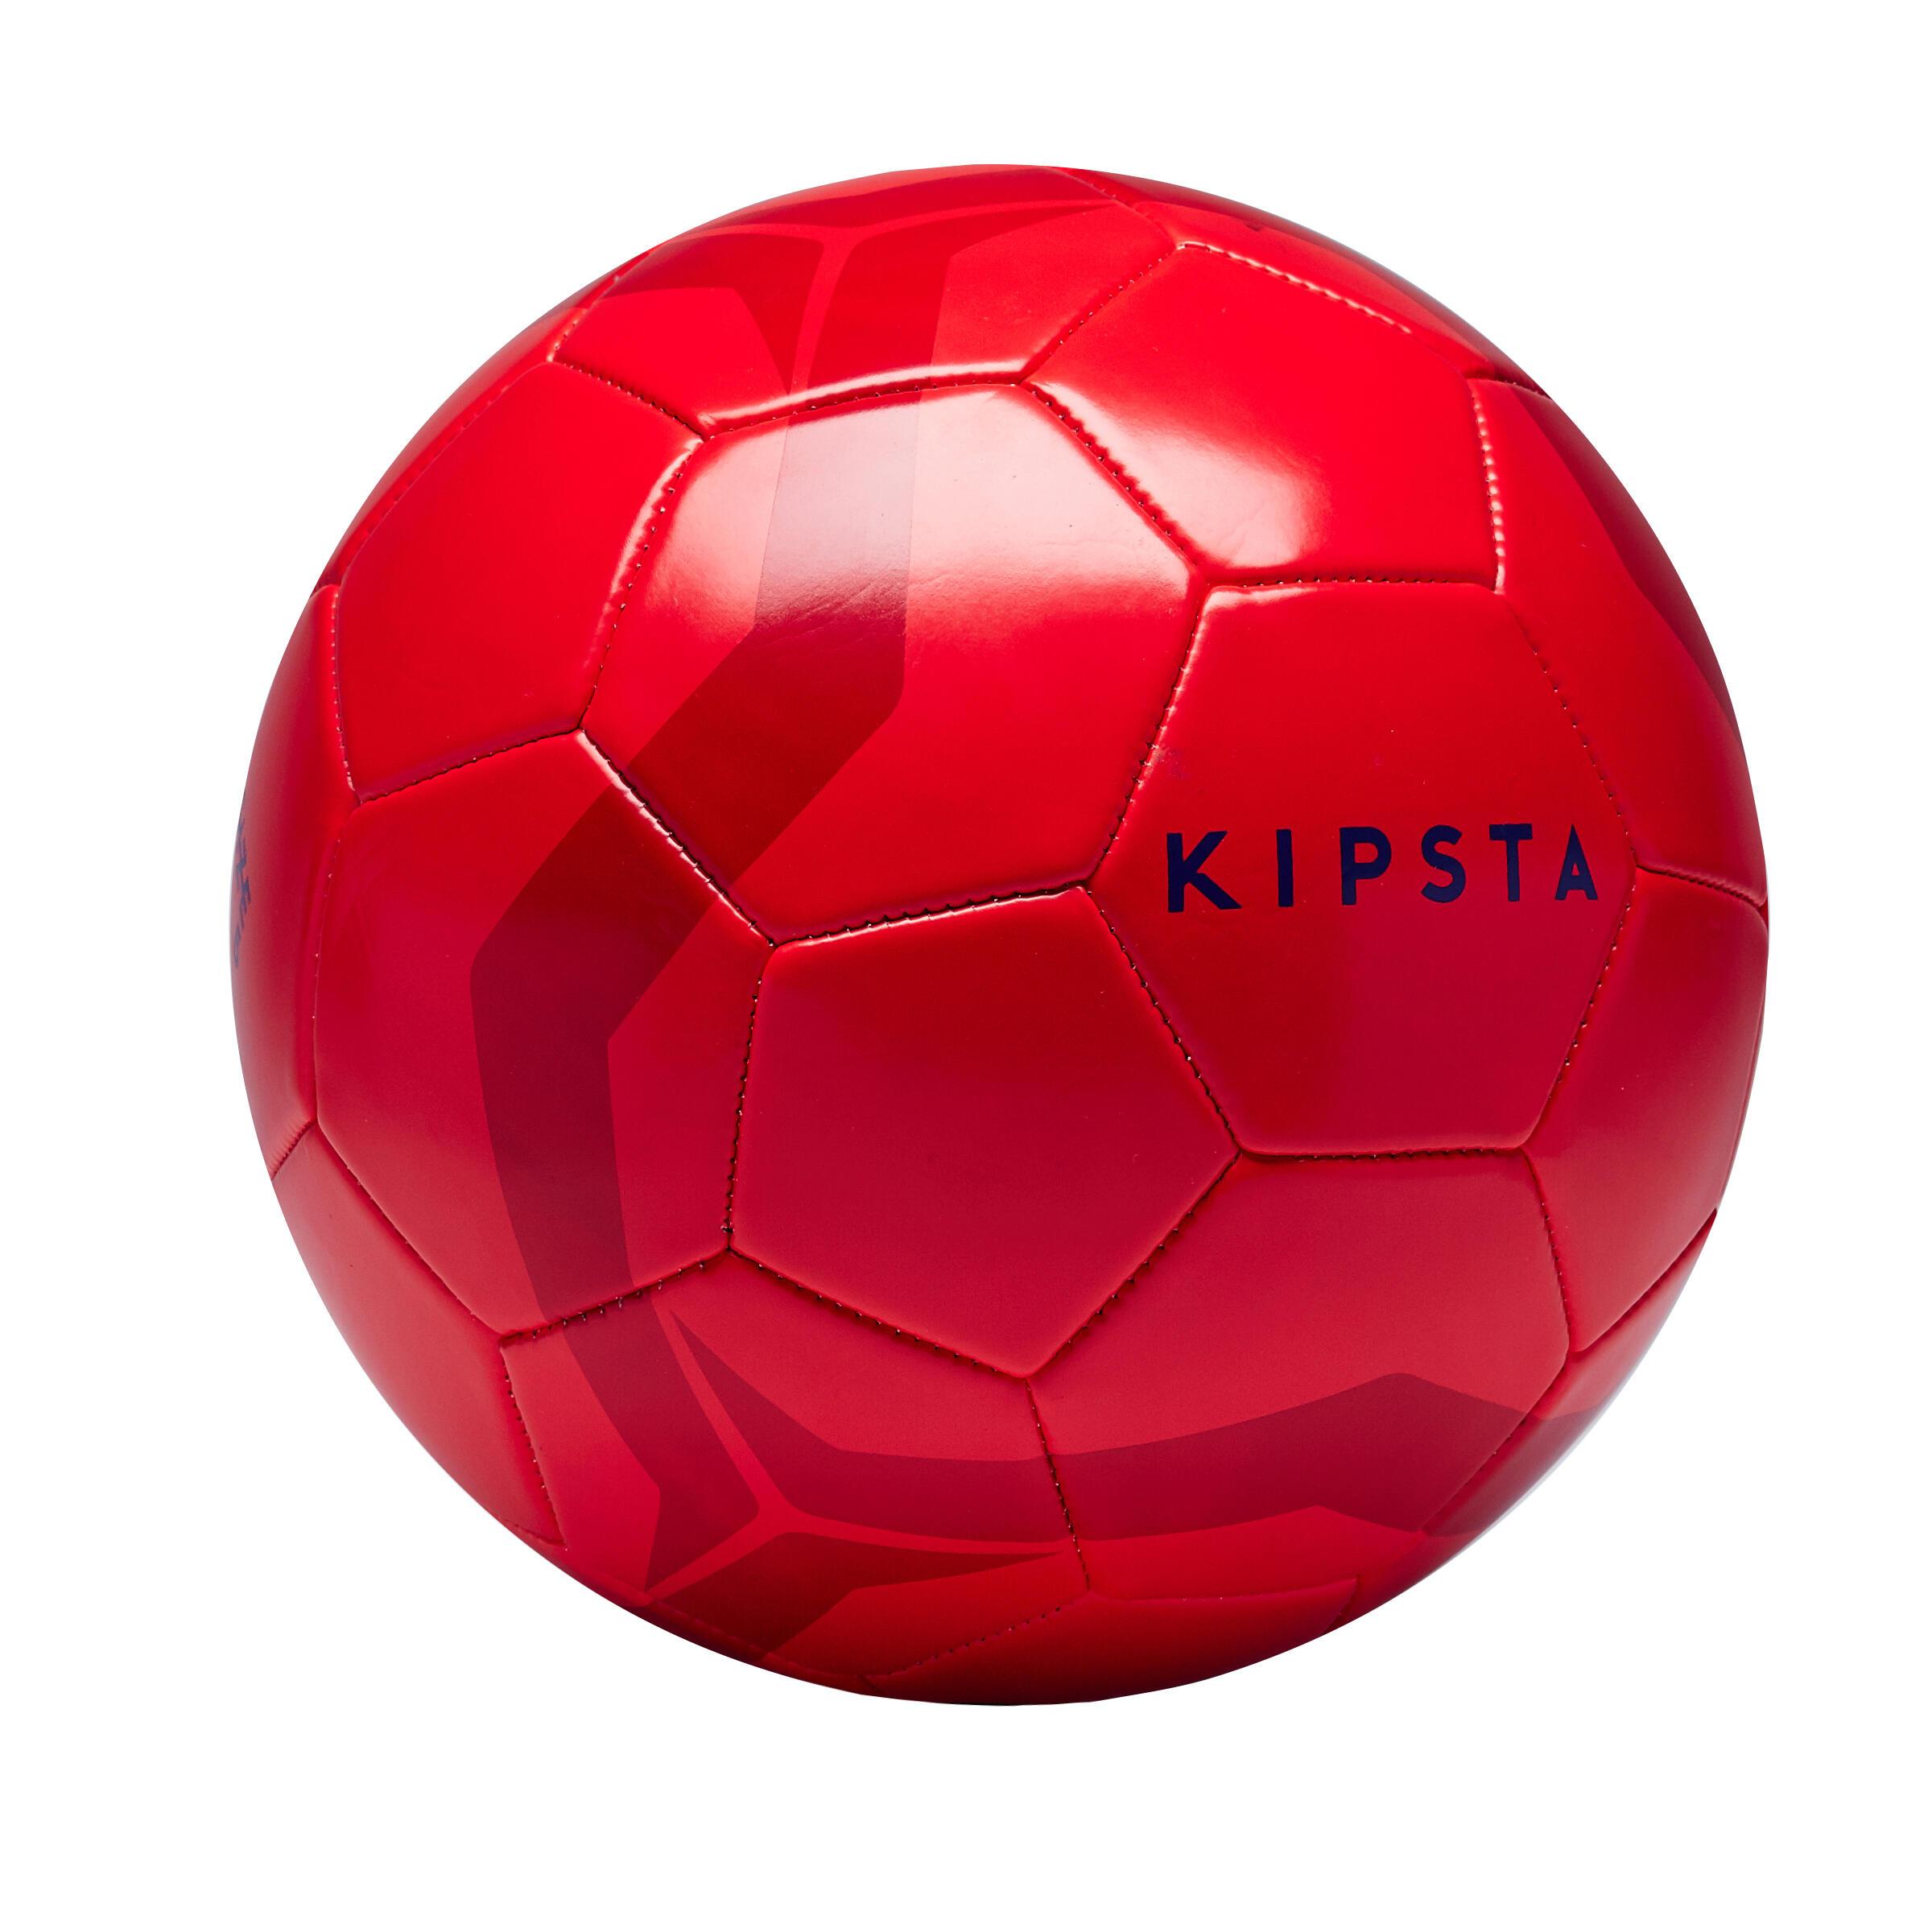 ca259dfd72907 Balón de fútbol first kick talla niños de años amarillo jpg 700x700  Decathlon caña alto taco